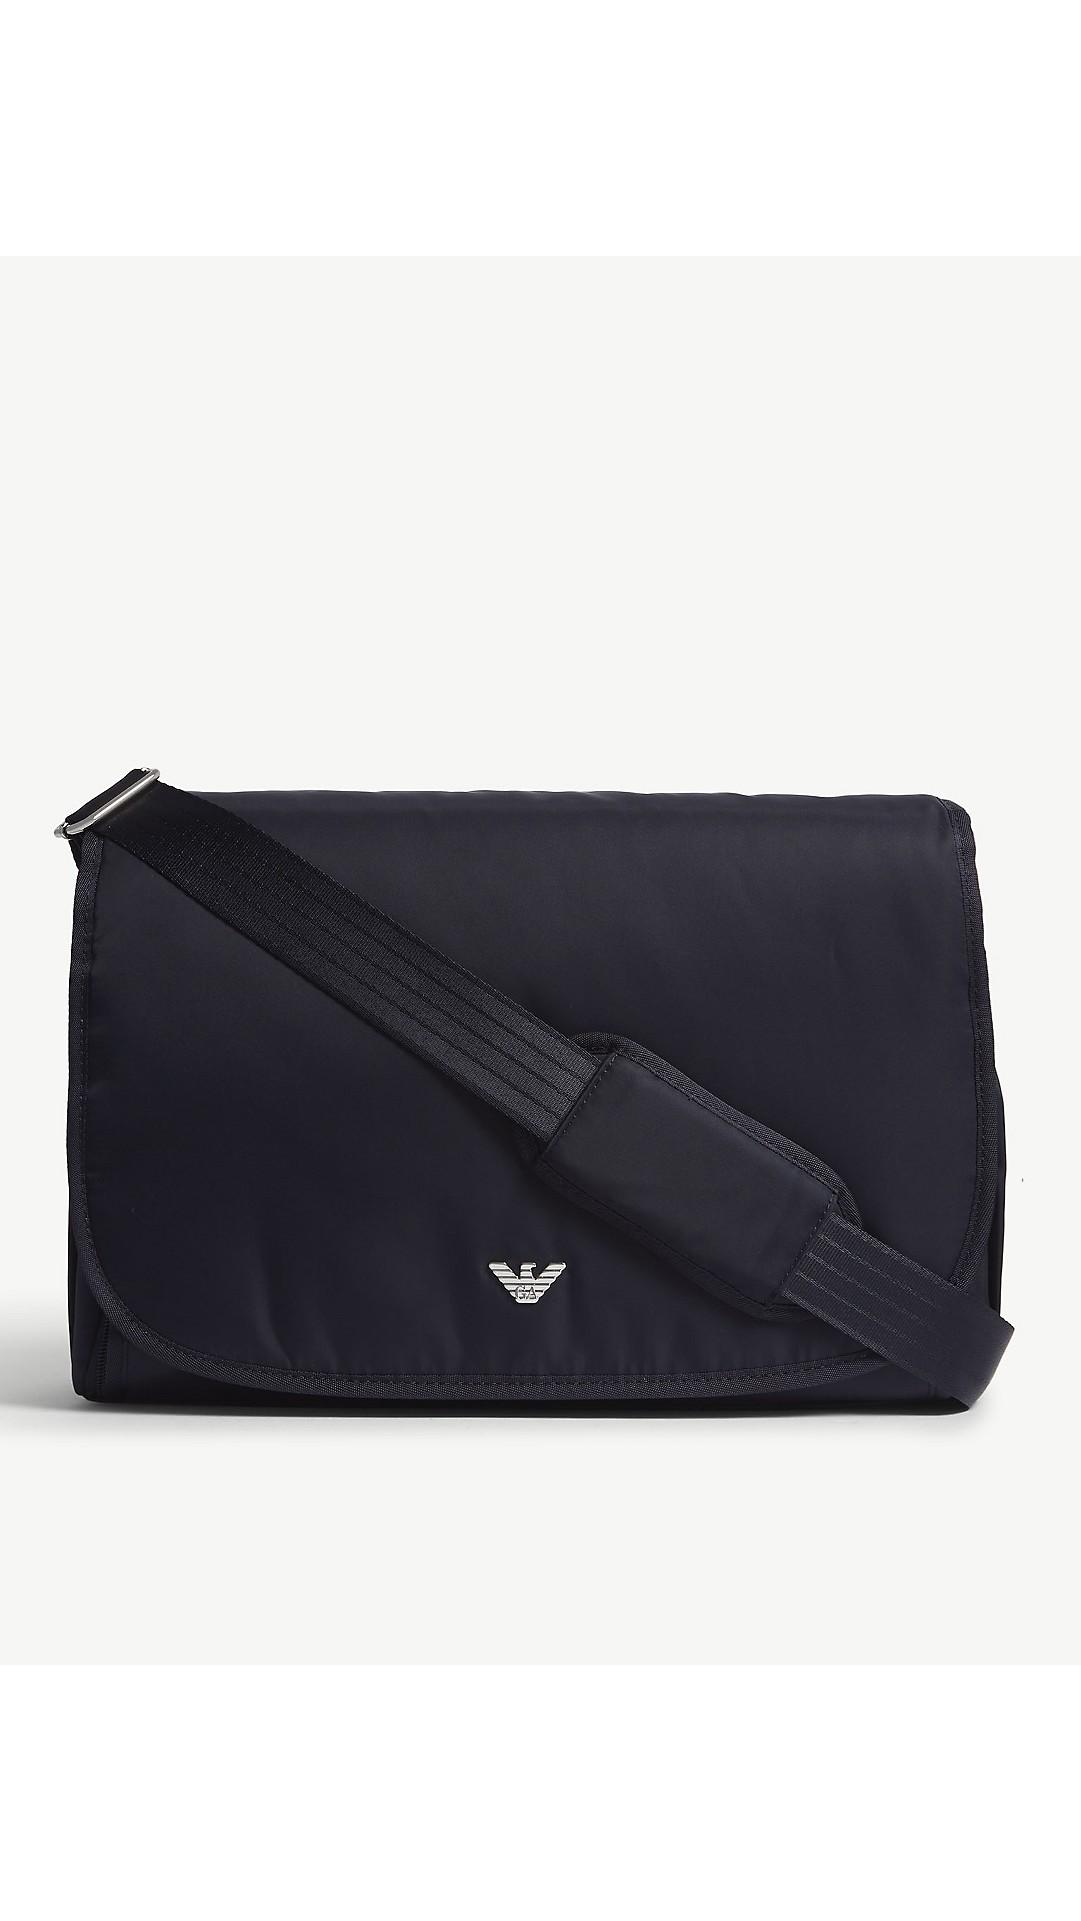 EMPORIO ARMANI - Armani Junior changing bag  6e7c758977082